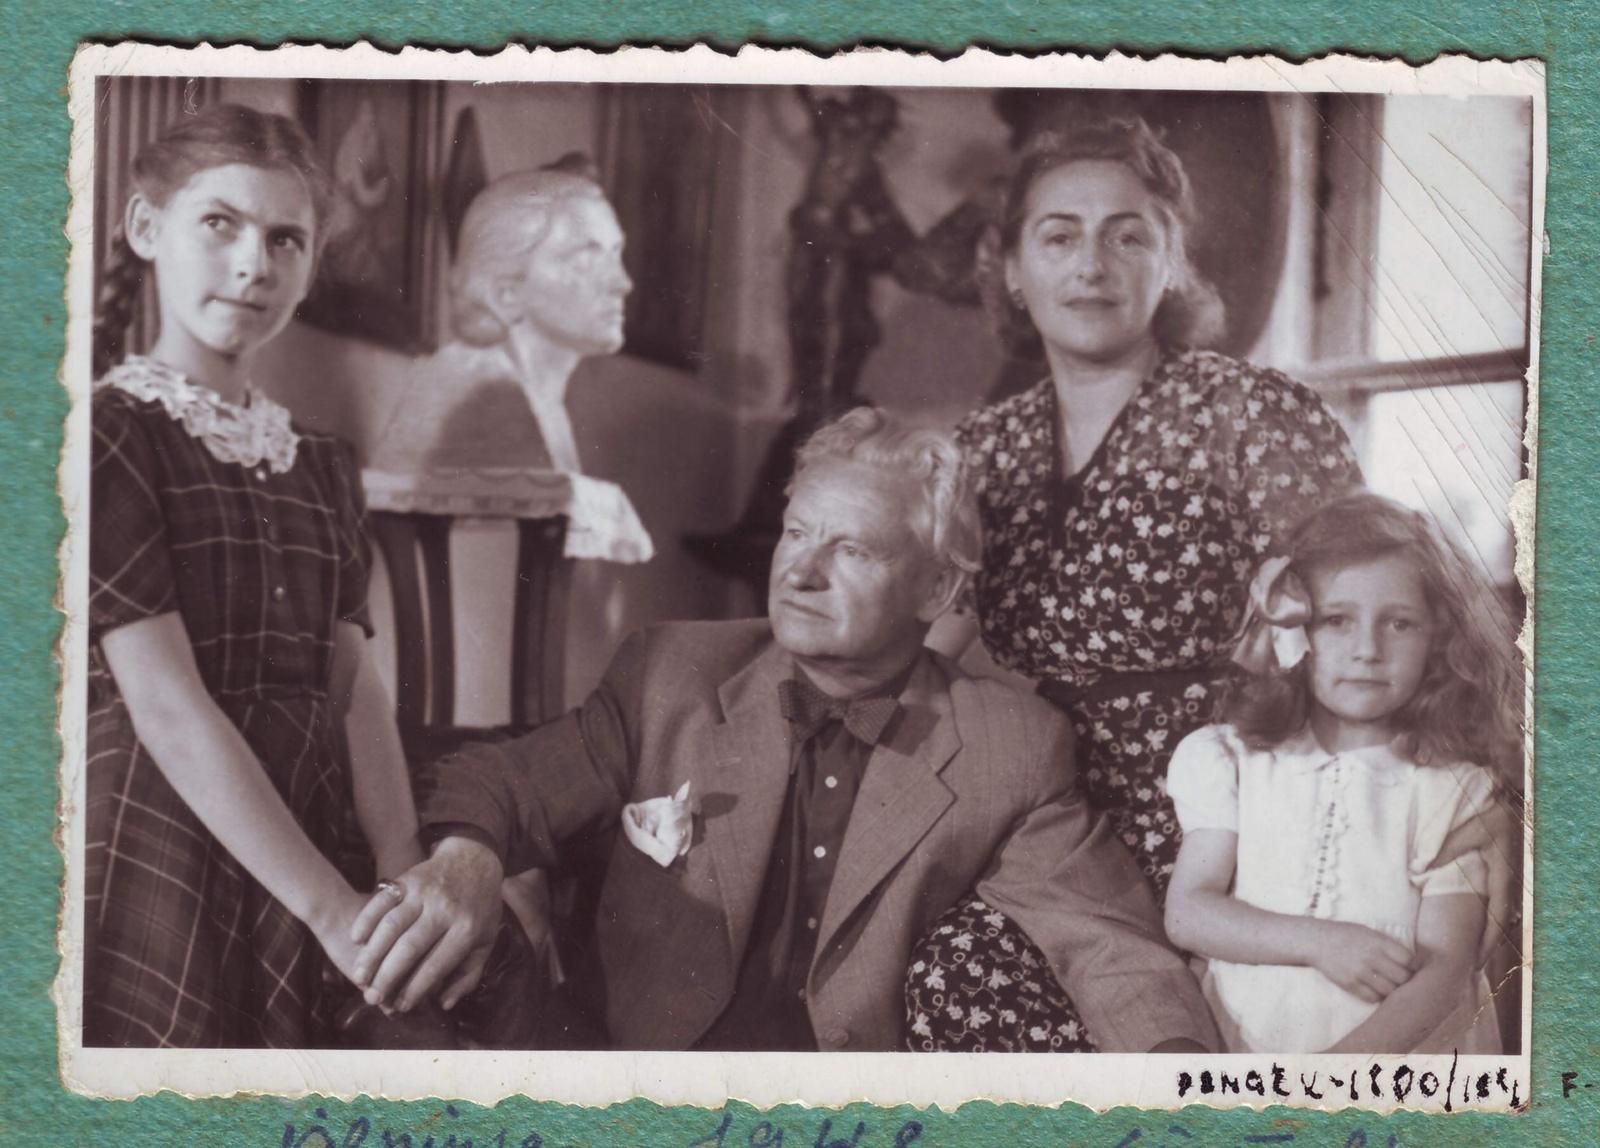 Žydų geto likvidavimo 75-osios metinės renginiais minimos ir Kauno miesto muziejuje